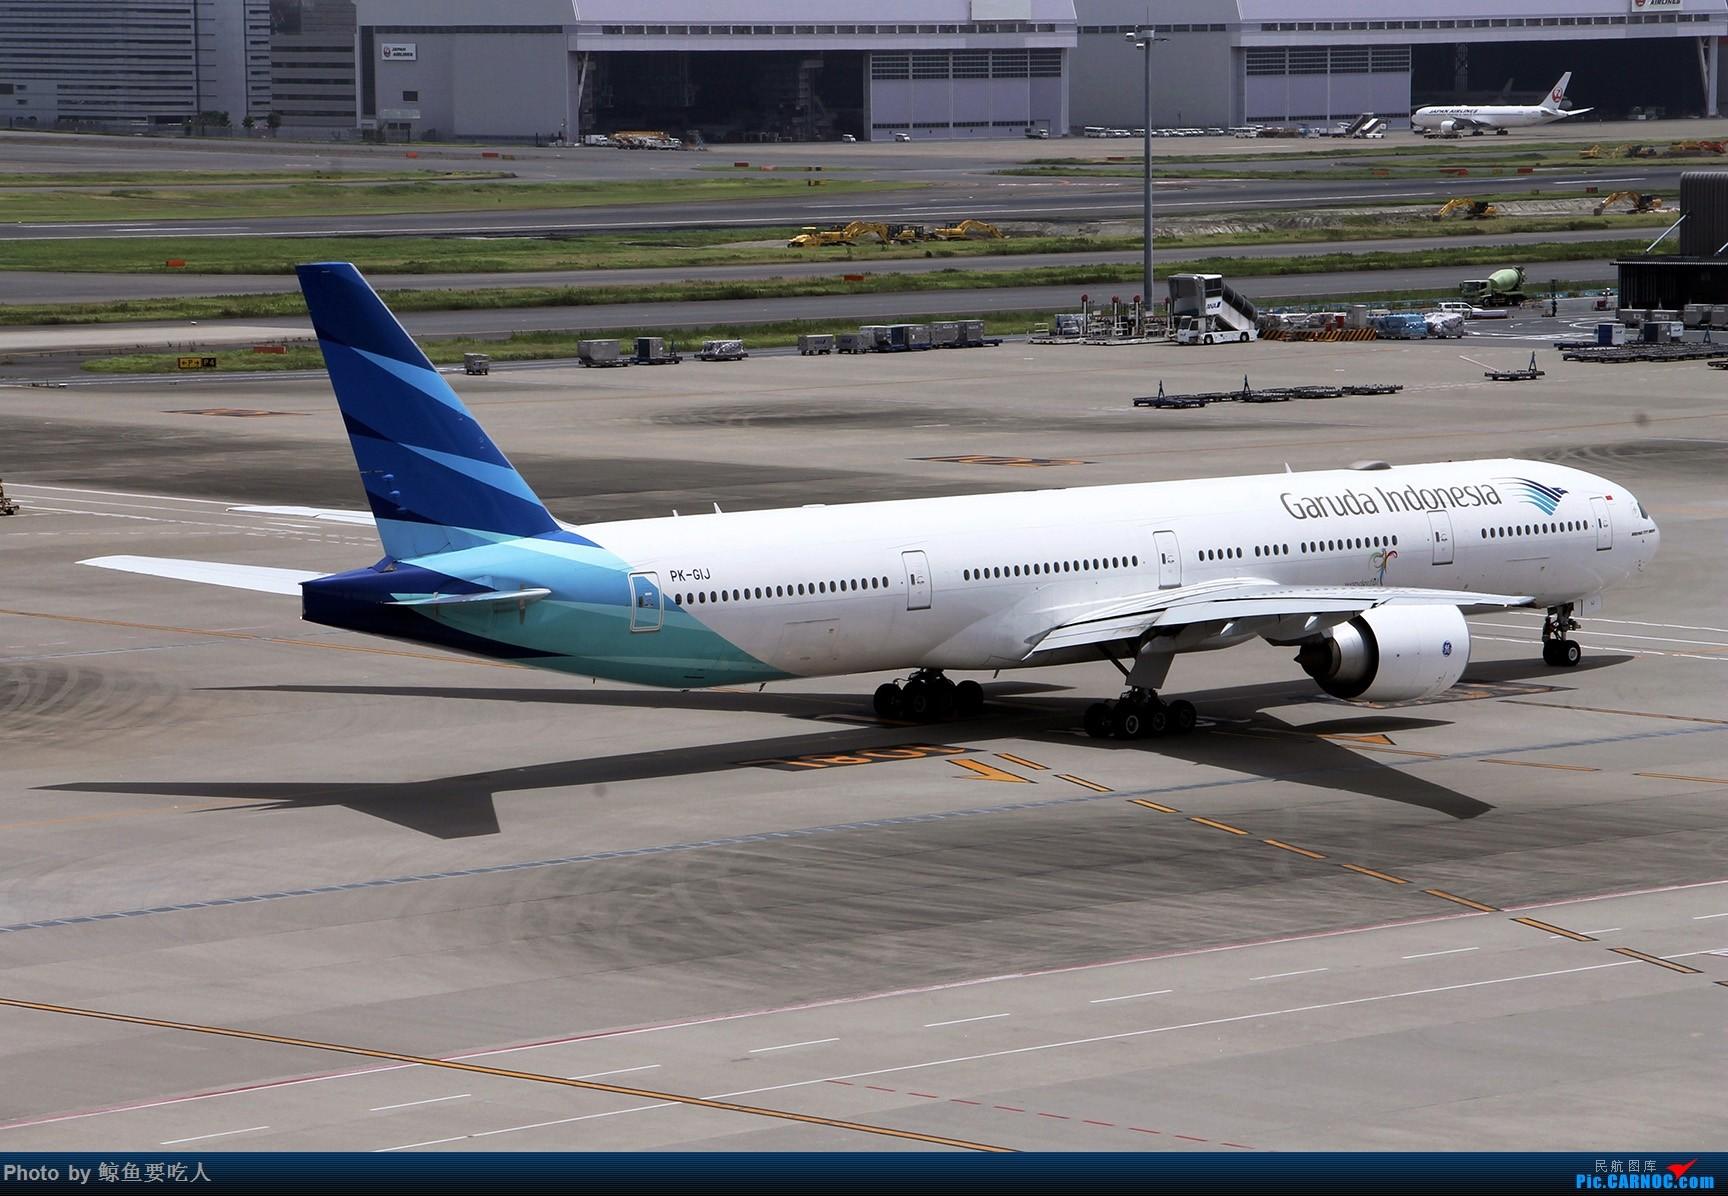 Re:[原创]梅雨季节的日本行:北海道+东京 6日自由行 南京--札幌--东京--上海虹桥 新千岁与羽田的拍机之旅 BOEING 777-300ER PK-GIJ 东京羽田国际机场